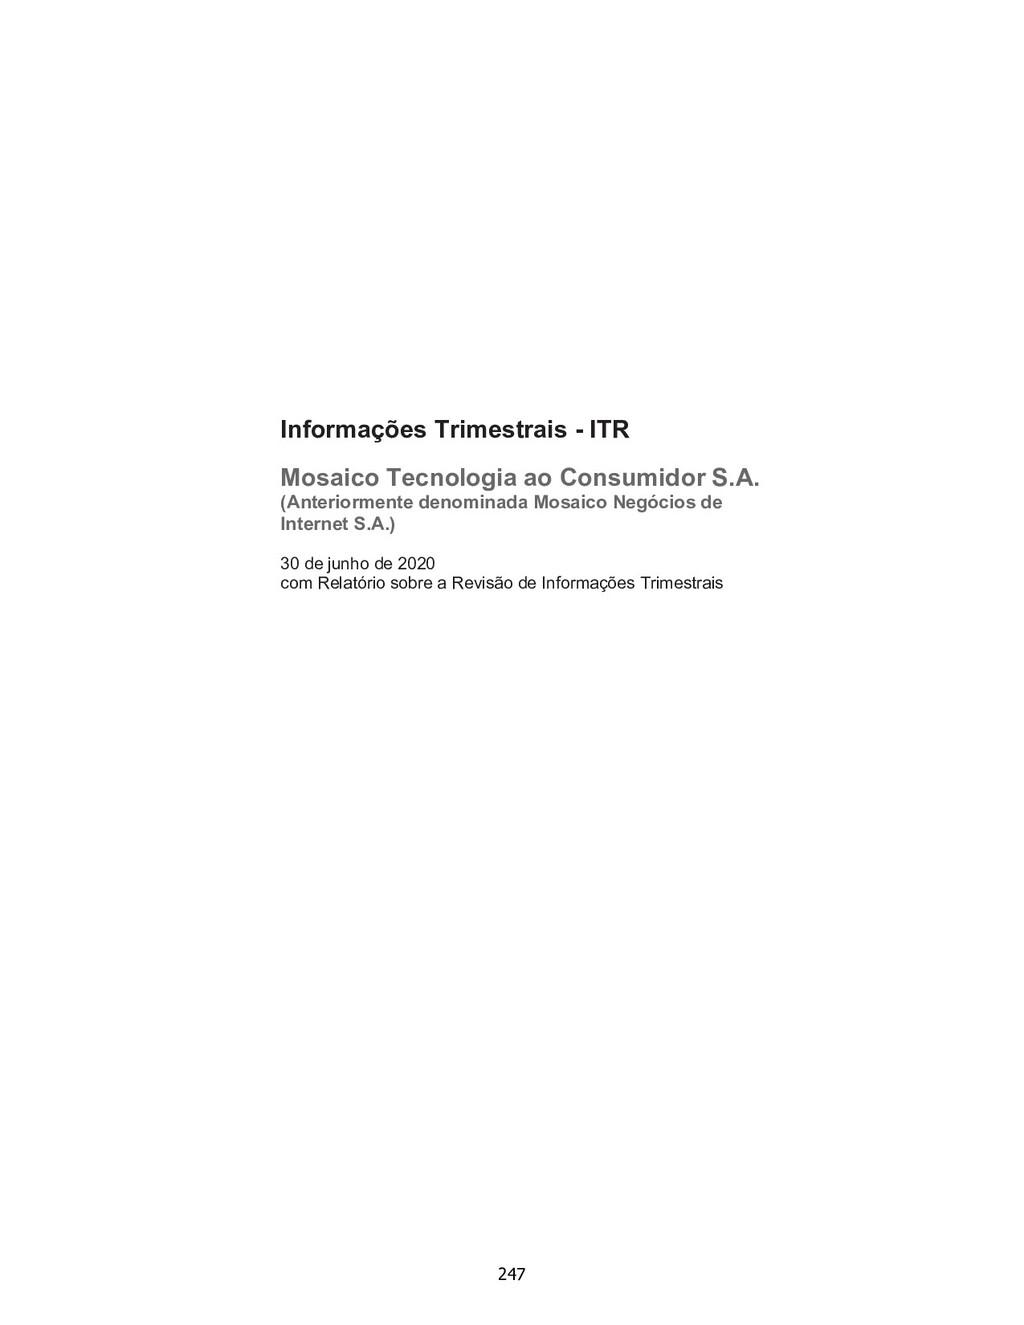 Informações Trimestrais - ITR Mosaico Tecnologi...